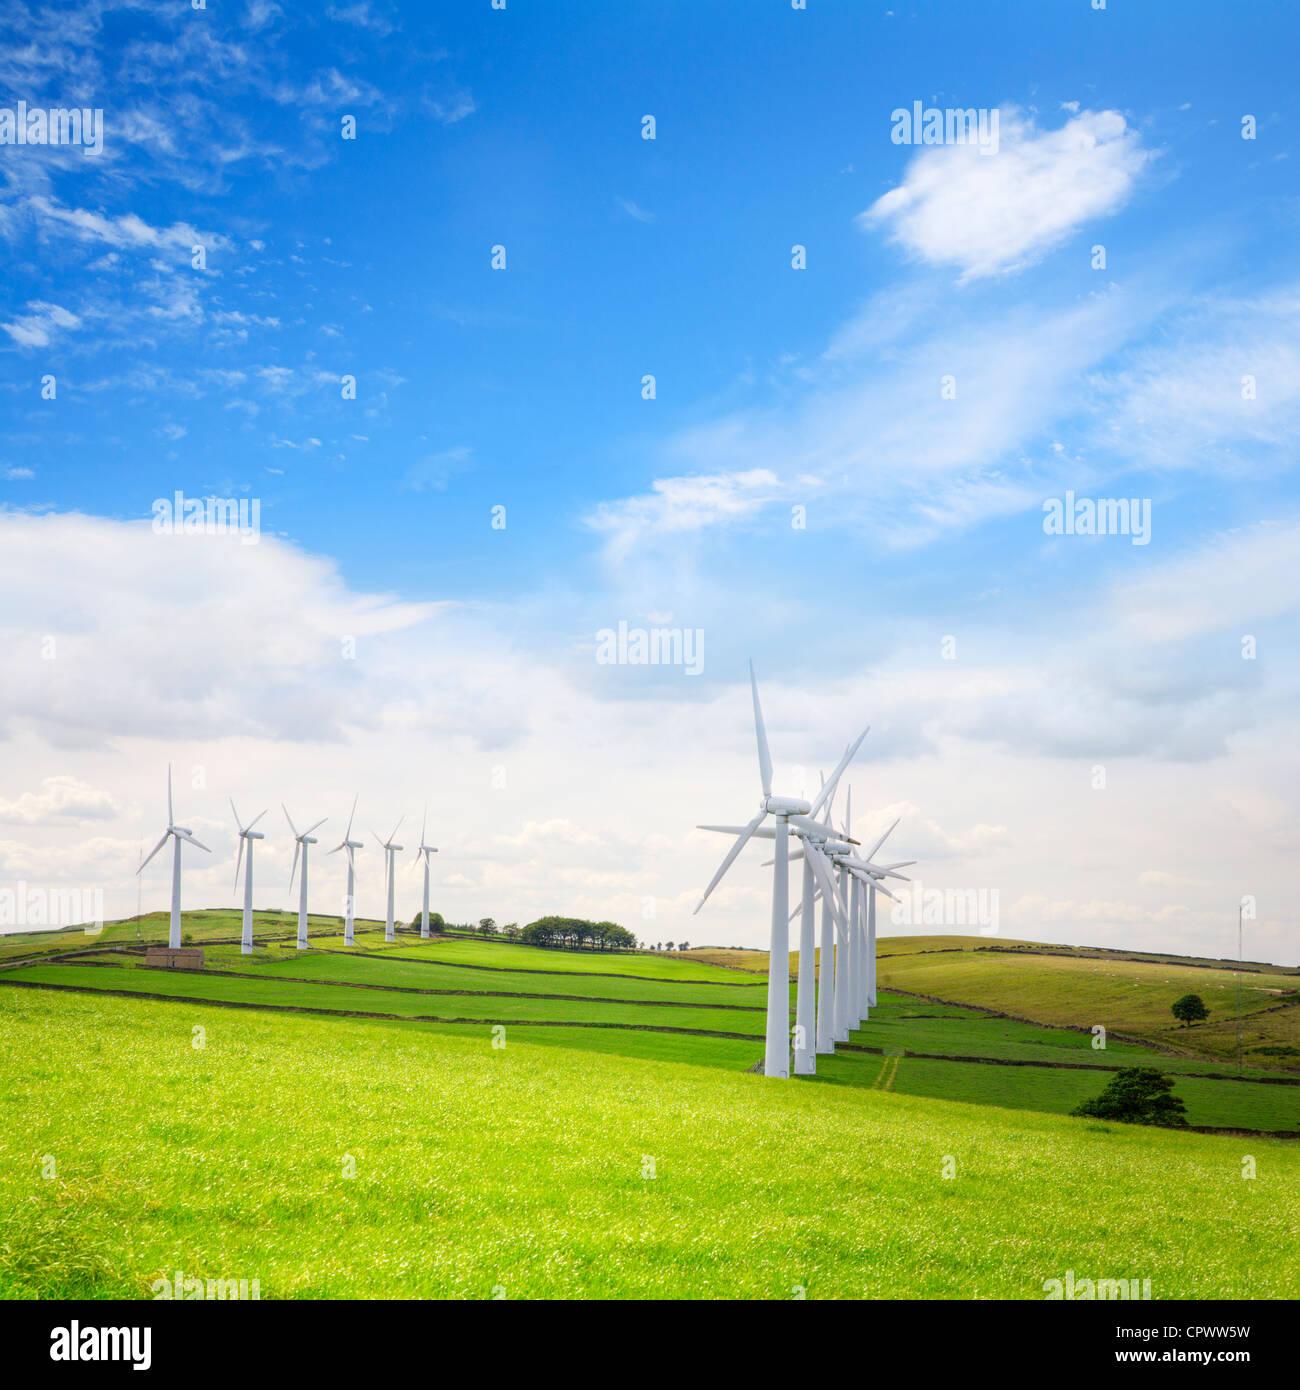 Doppia fila di turbine eoliche a Royd Moor wind farm, Penistone, Yorkshire. Immagini Stock